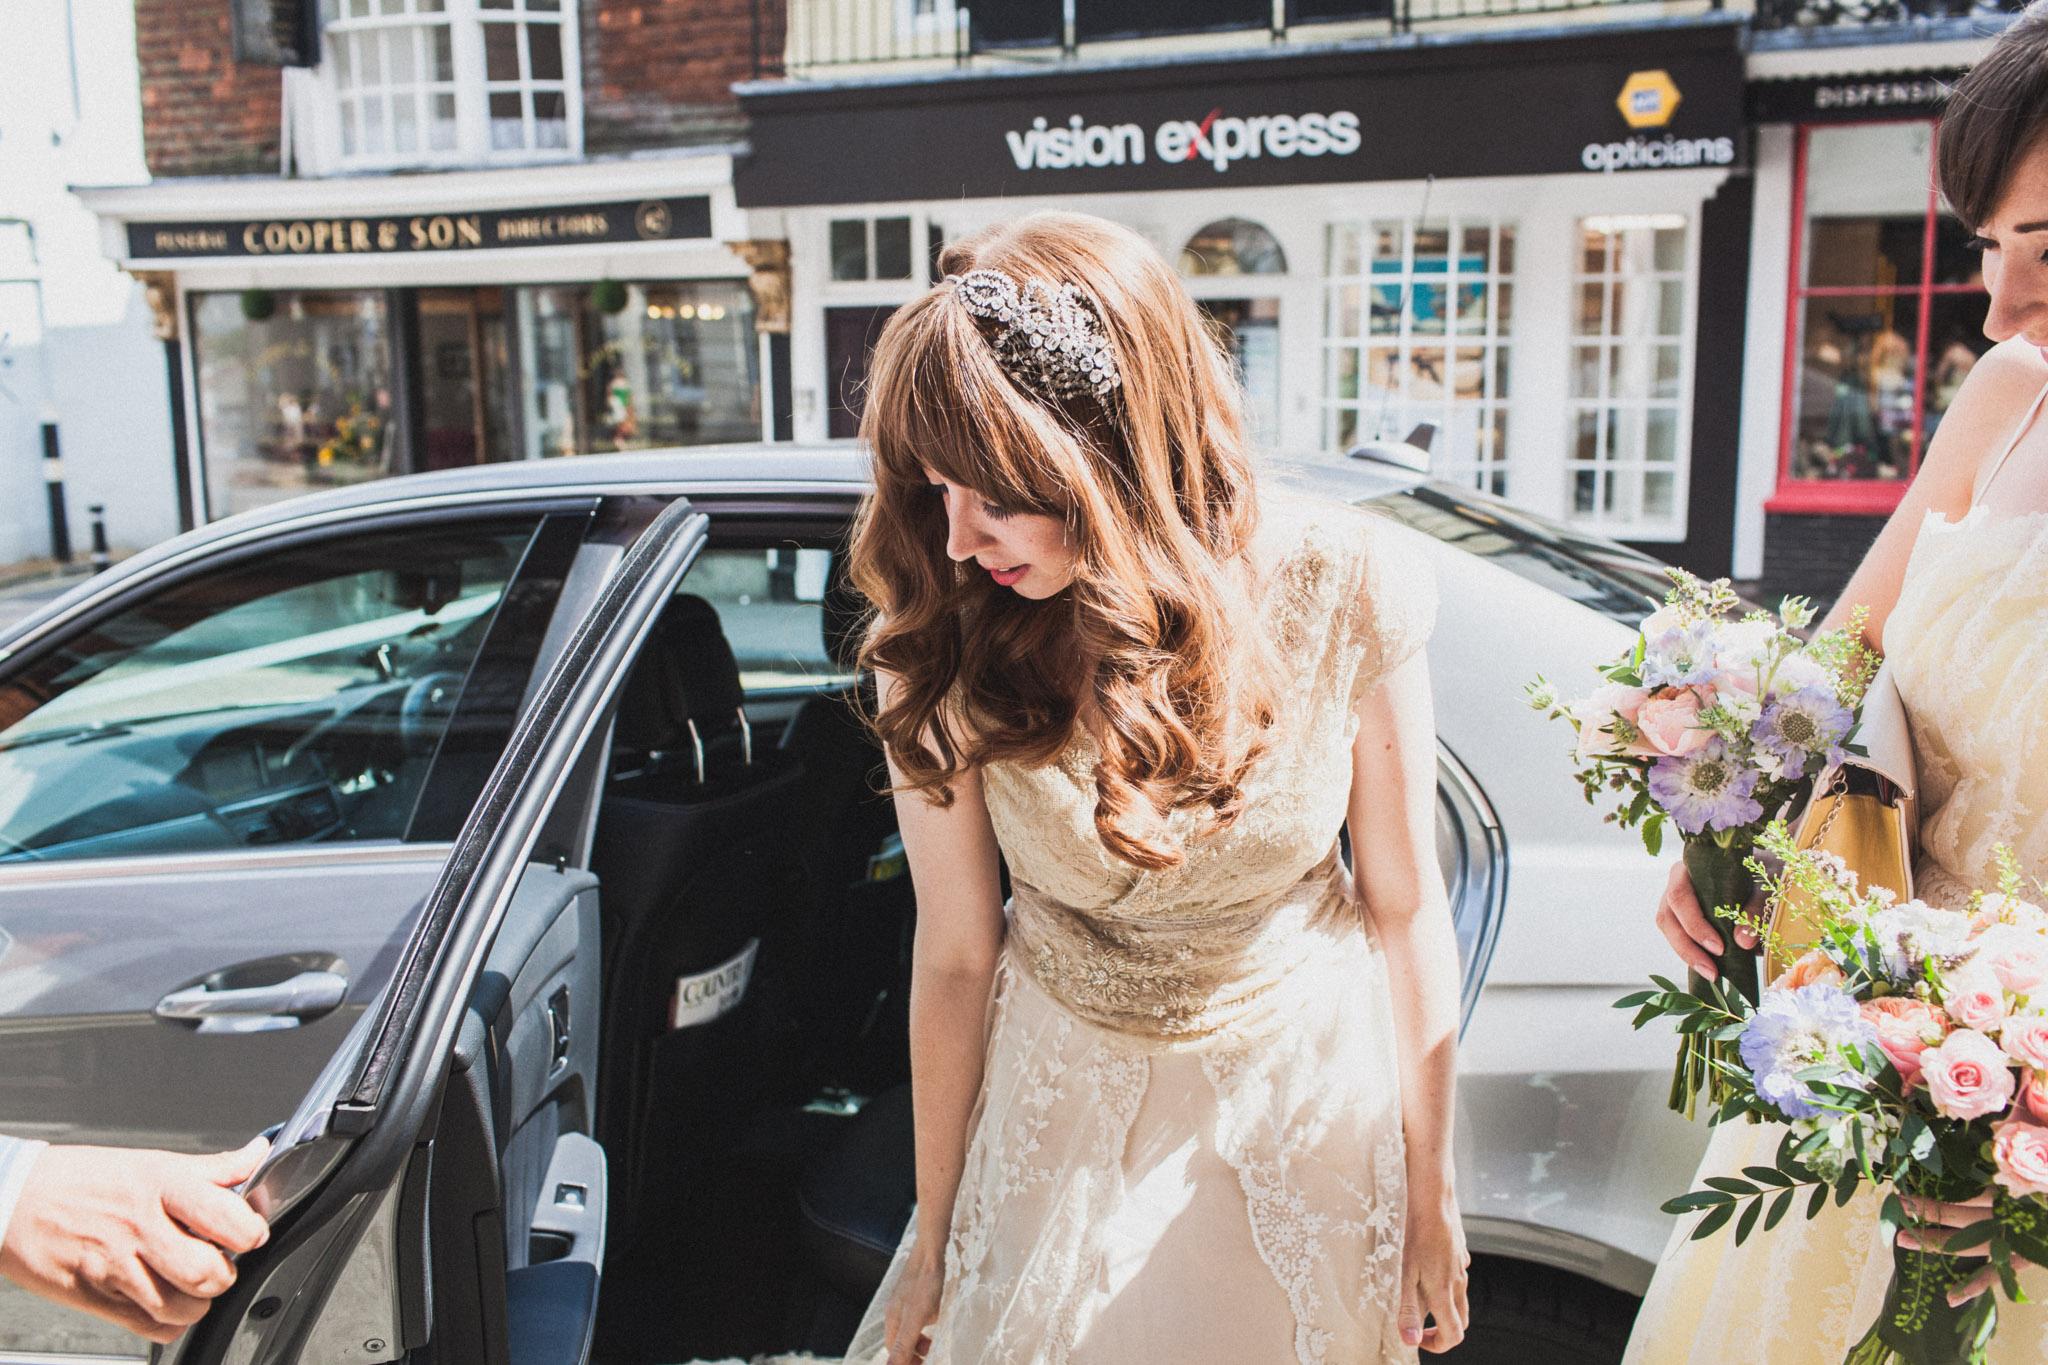 lewes_wedding_photographer_0022.jpg